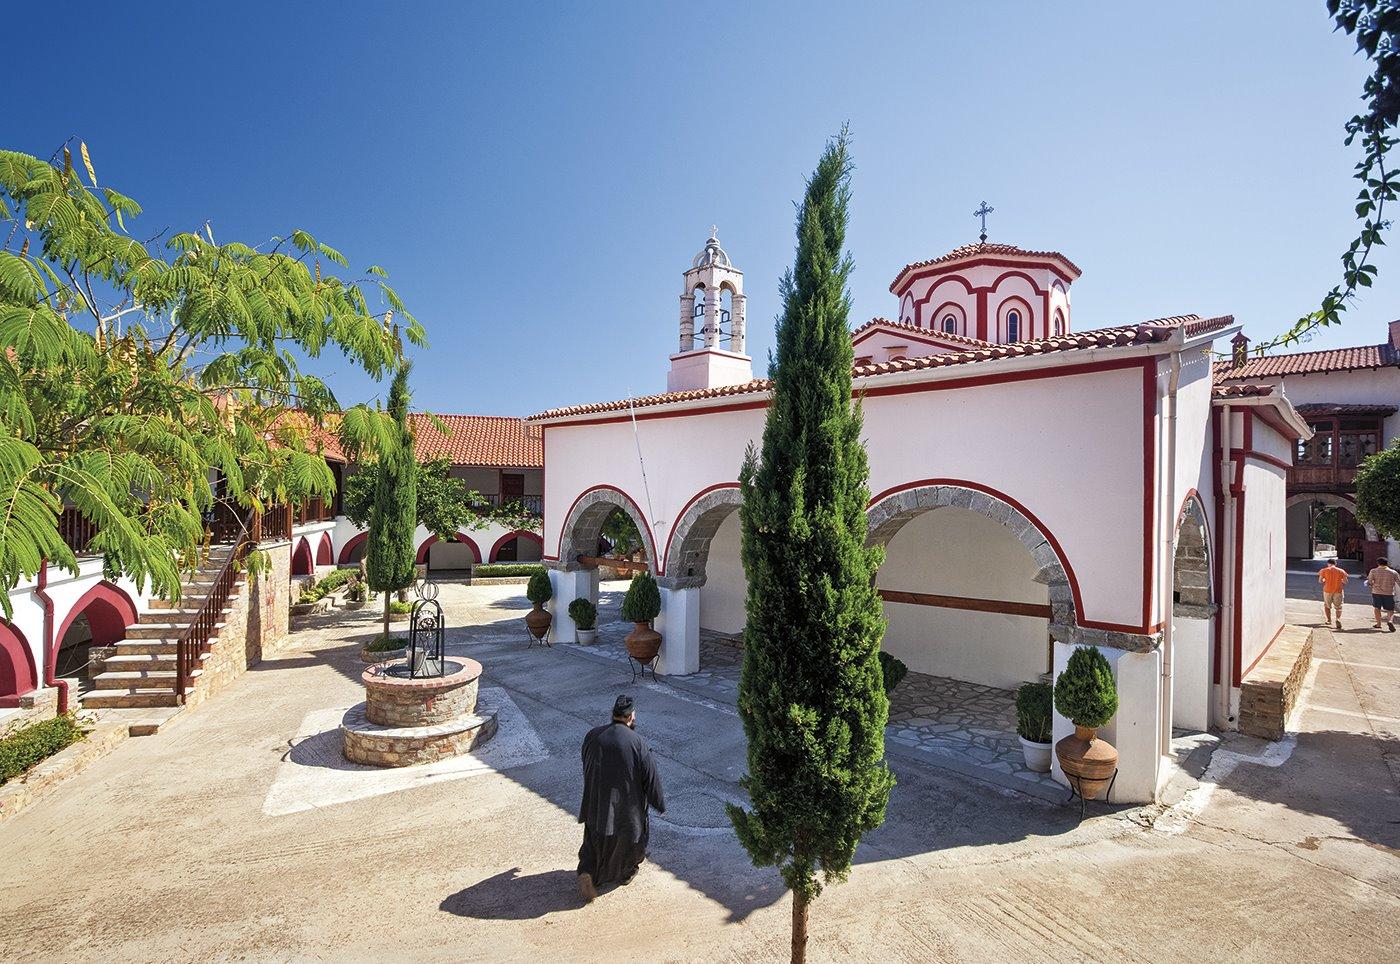 6. megalis-panagias-monasterio-samos. Arte ortodoxo